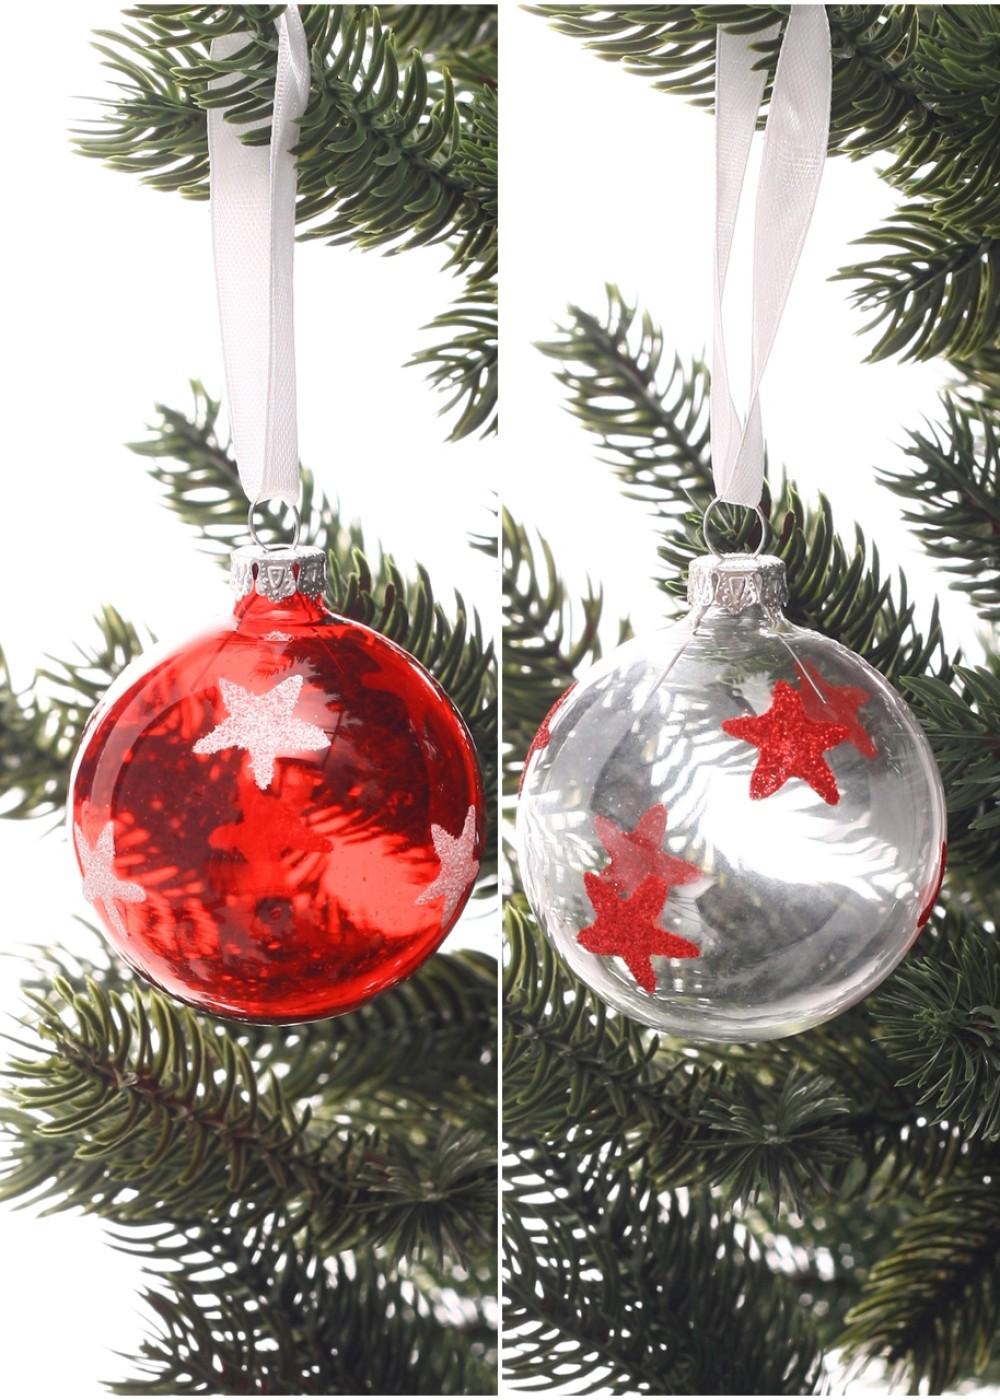 Piros-fehér átlátszó karácsonyi üveggömbök